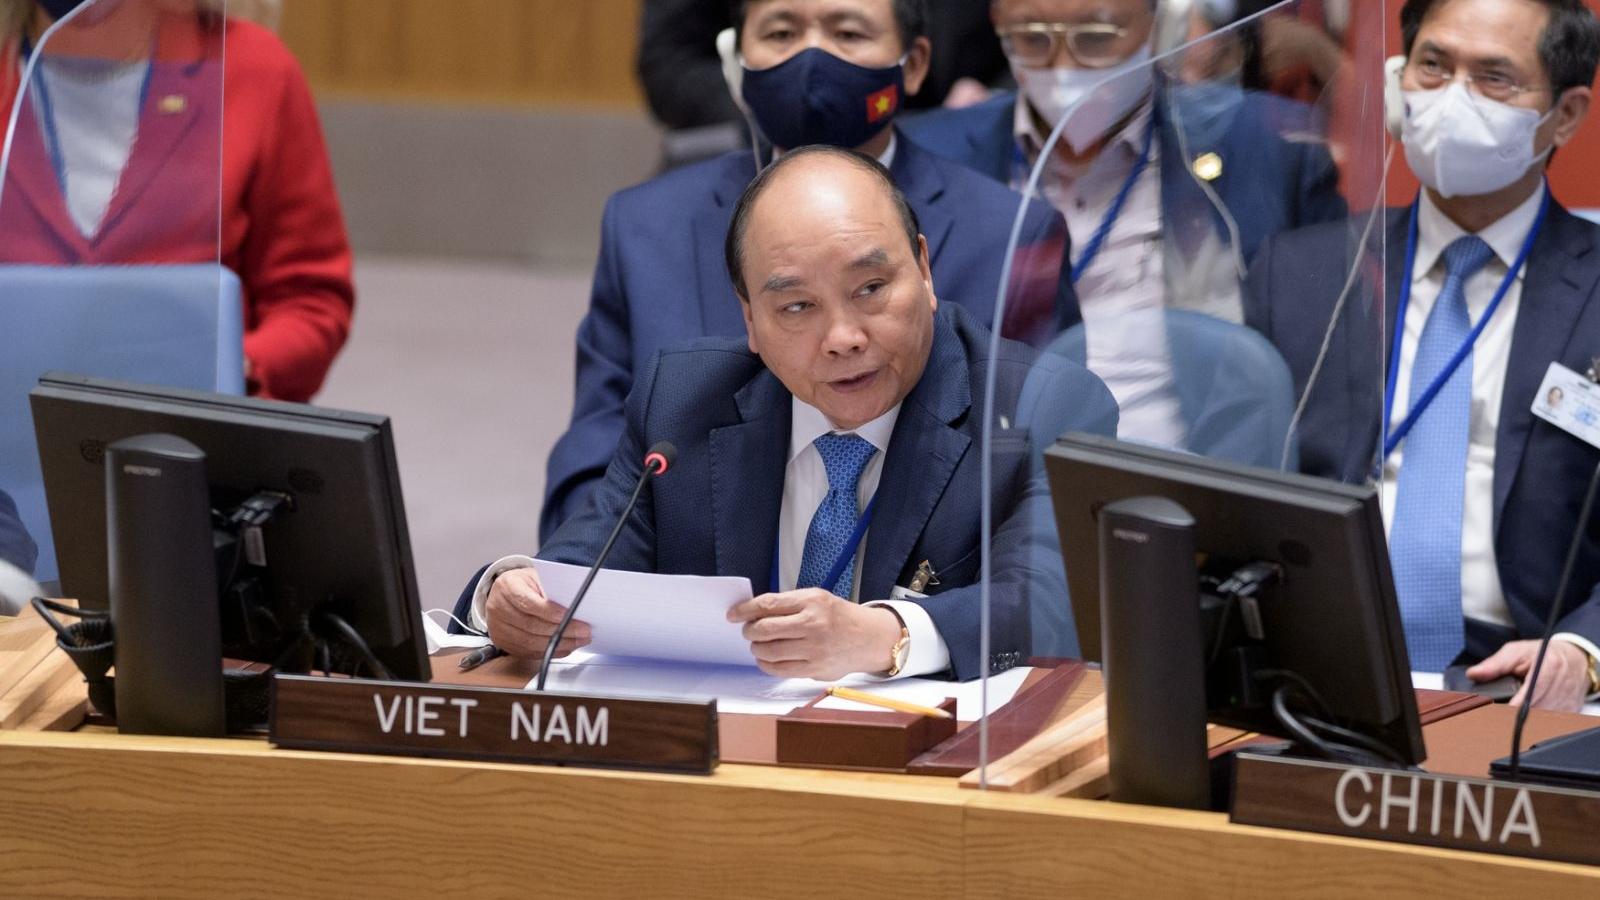 Chủ tịch nước đề nghị LHQ lập cơ sở dữ liệu về tác động của nước biển dâng